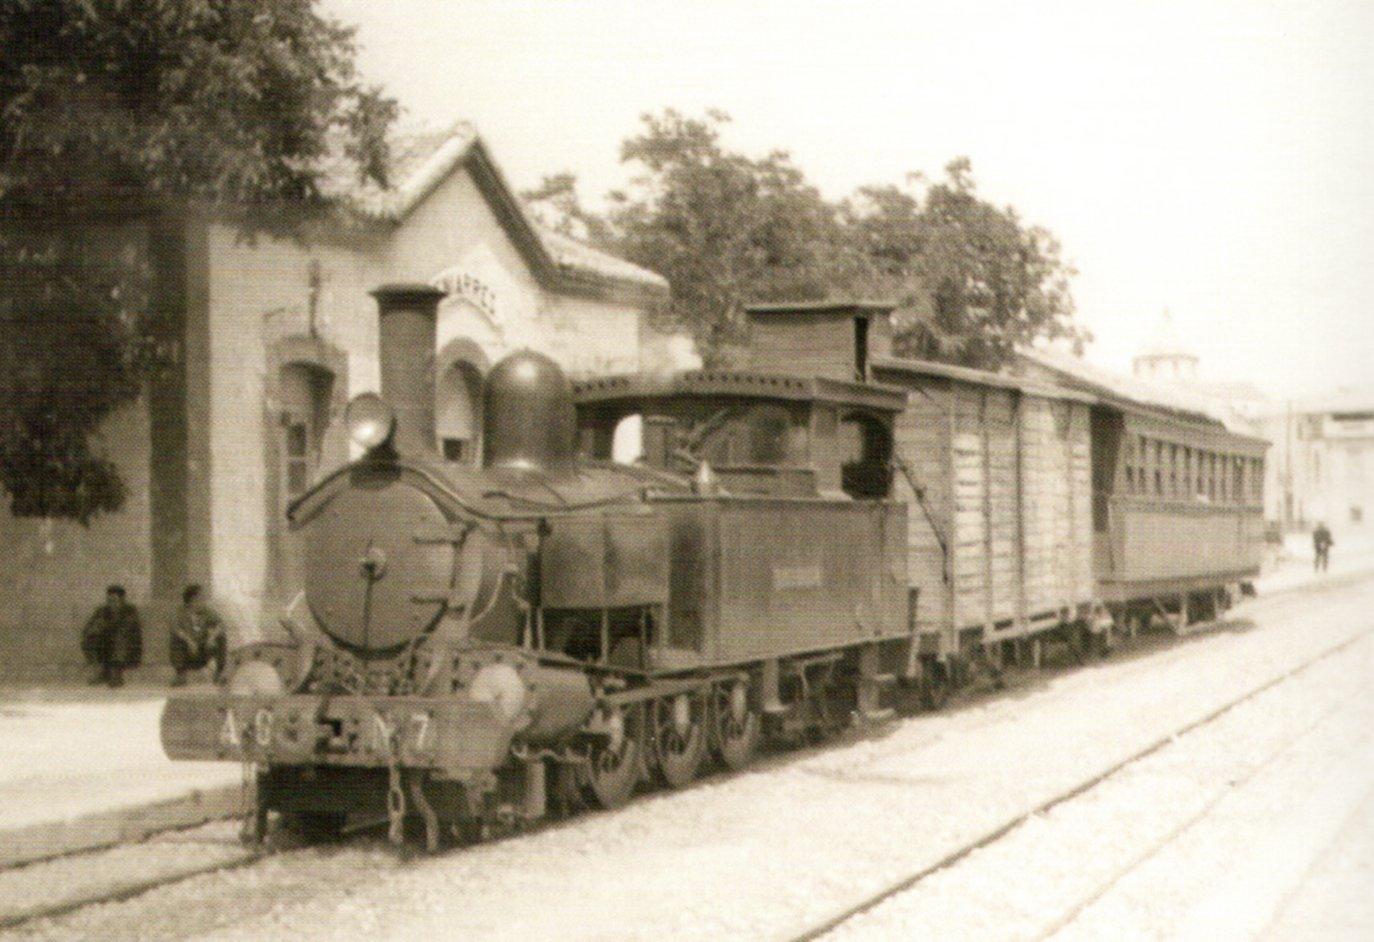 Locomotora 7 Cocentaina a l'estació de Beniarrés